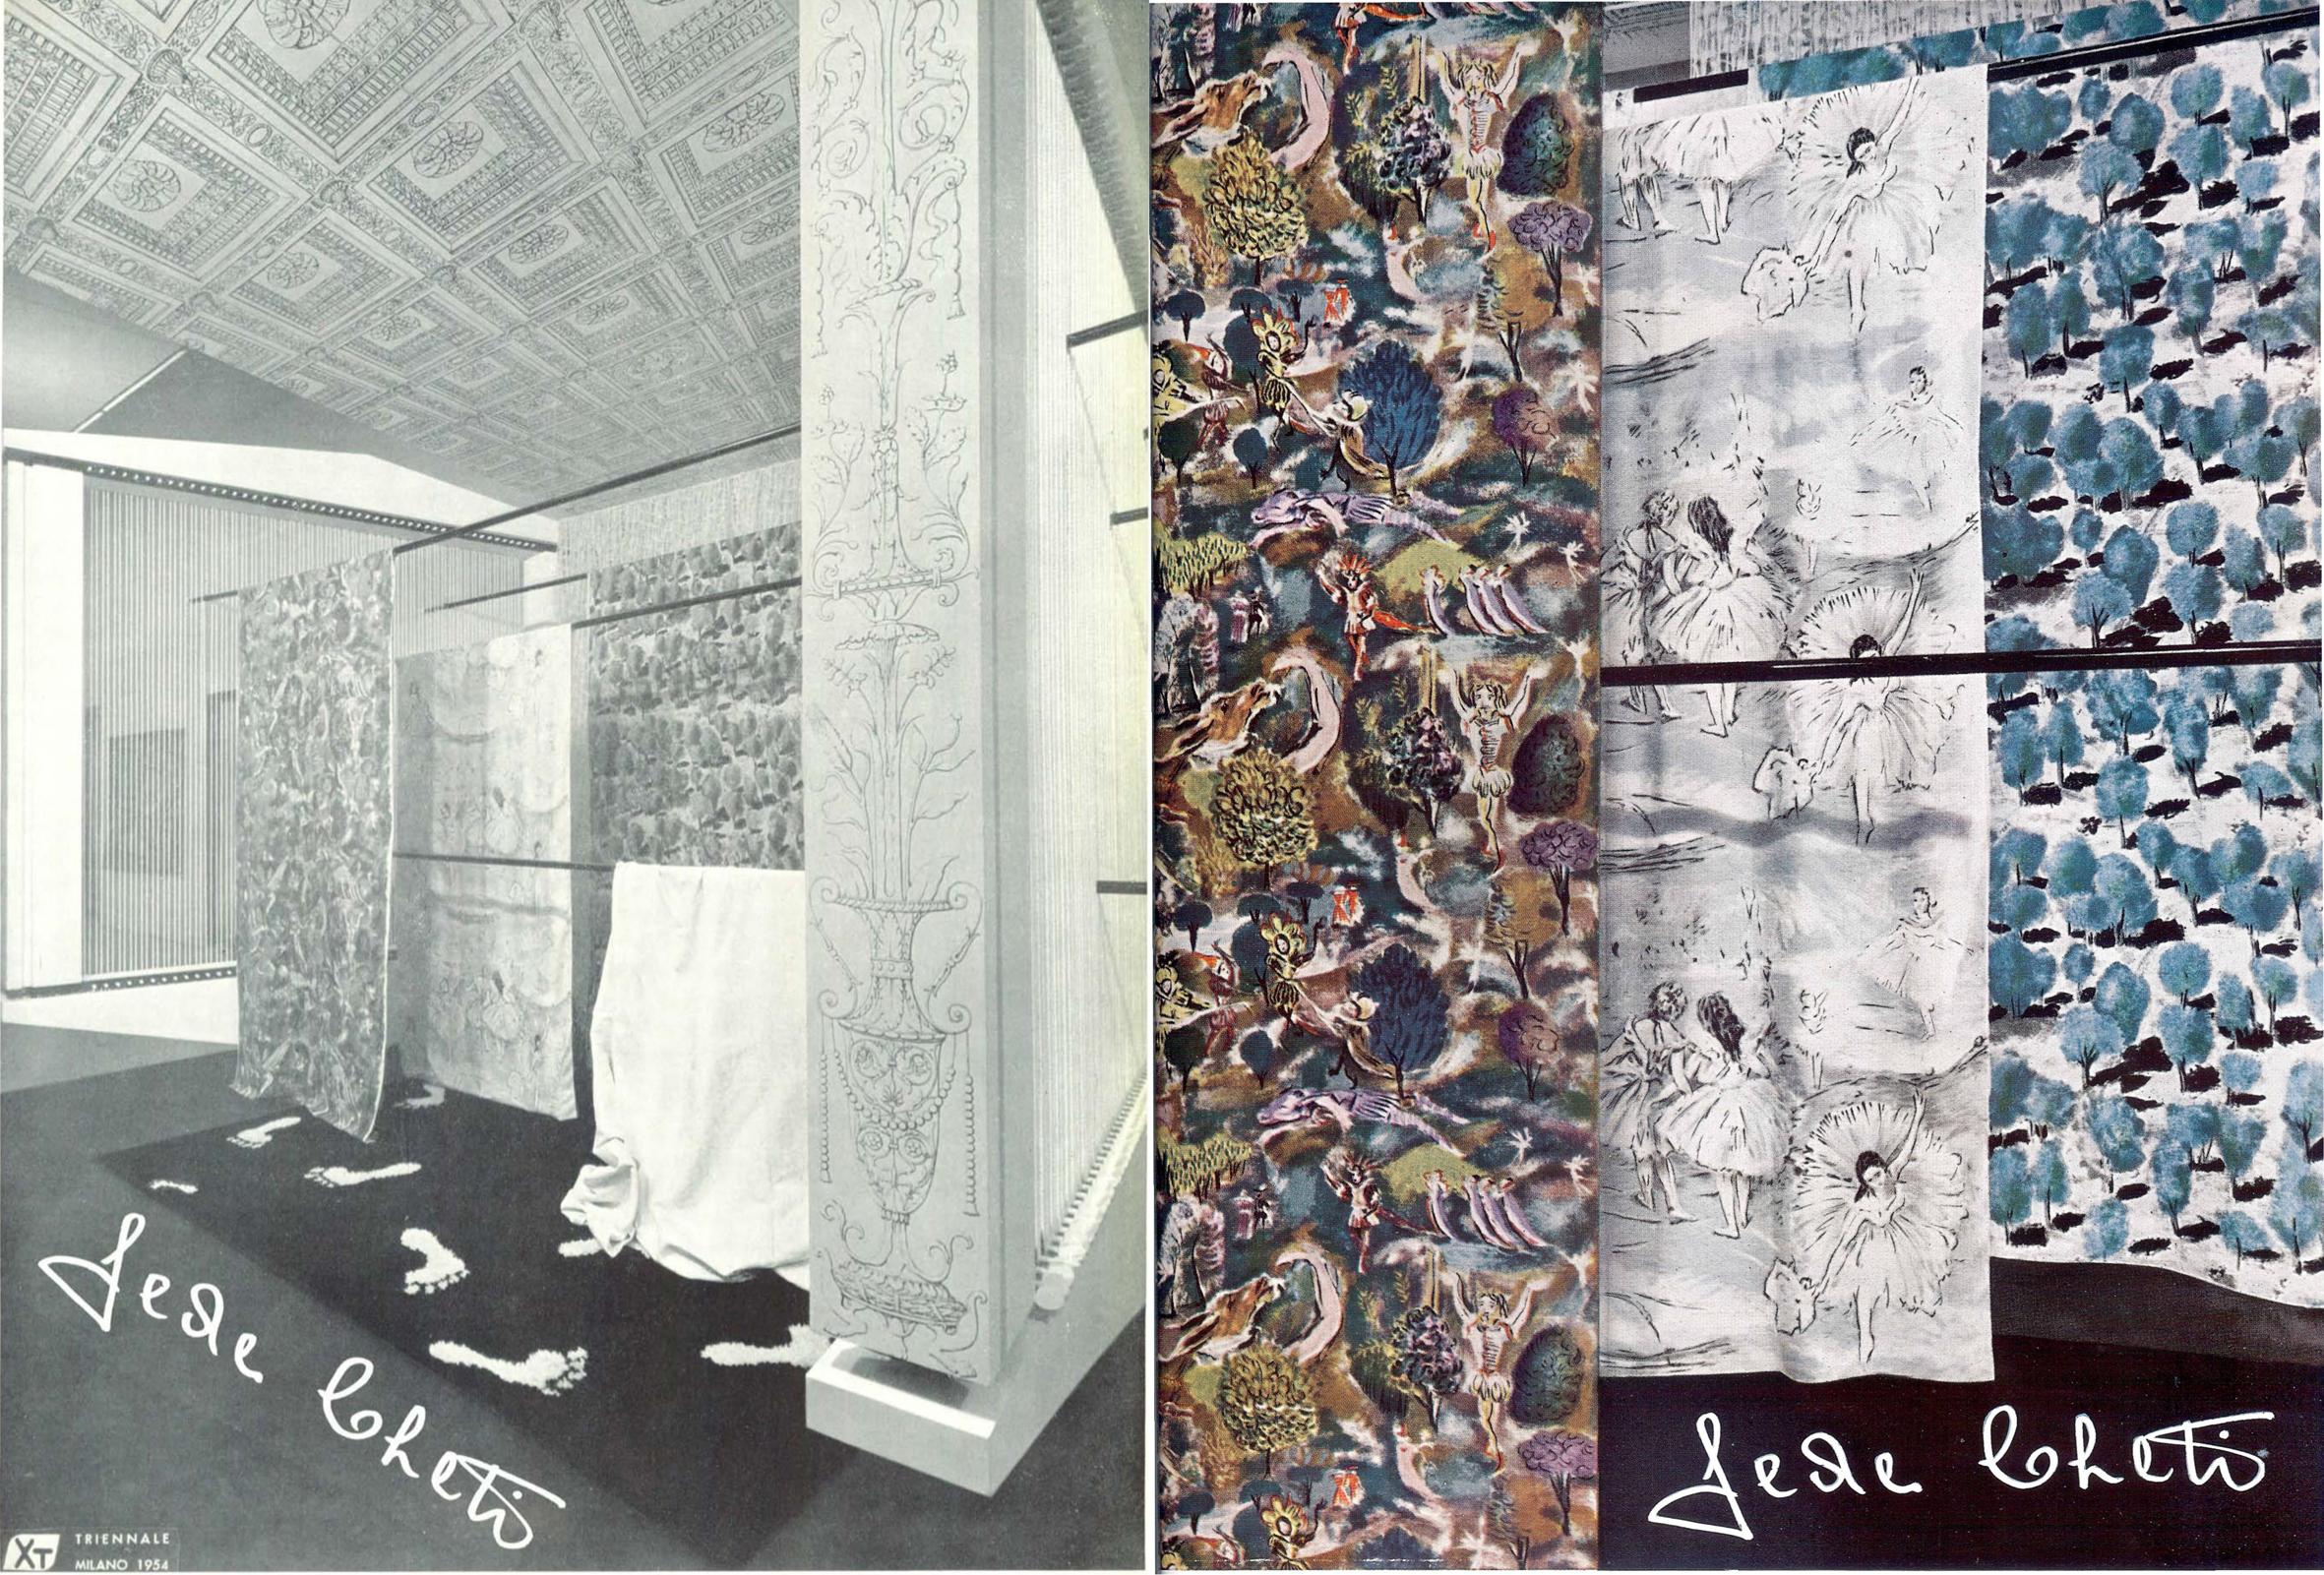 Allestimento e dettaglio delle stoffe Fede Cheti esposte alla X Triennale del 1954 (Domus n. 301 dicembre, 1954).